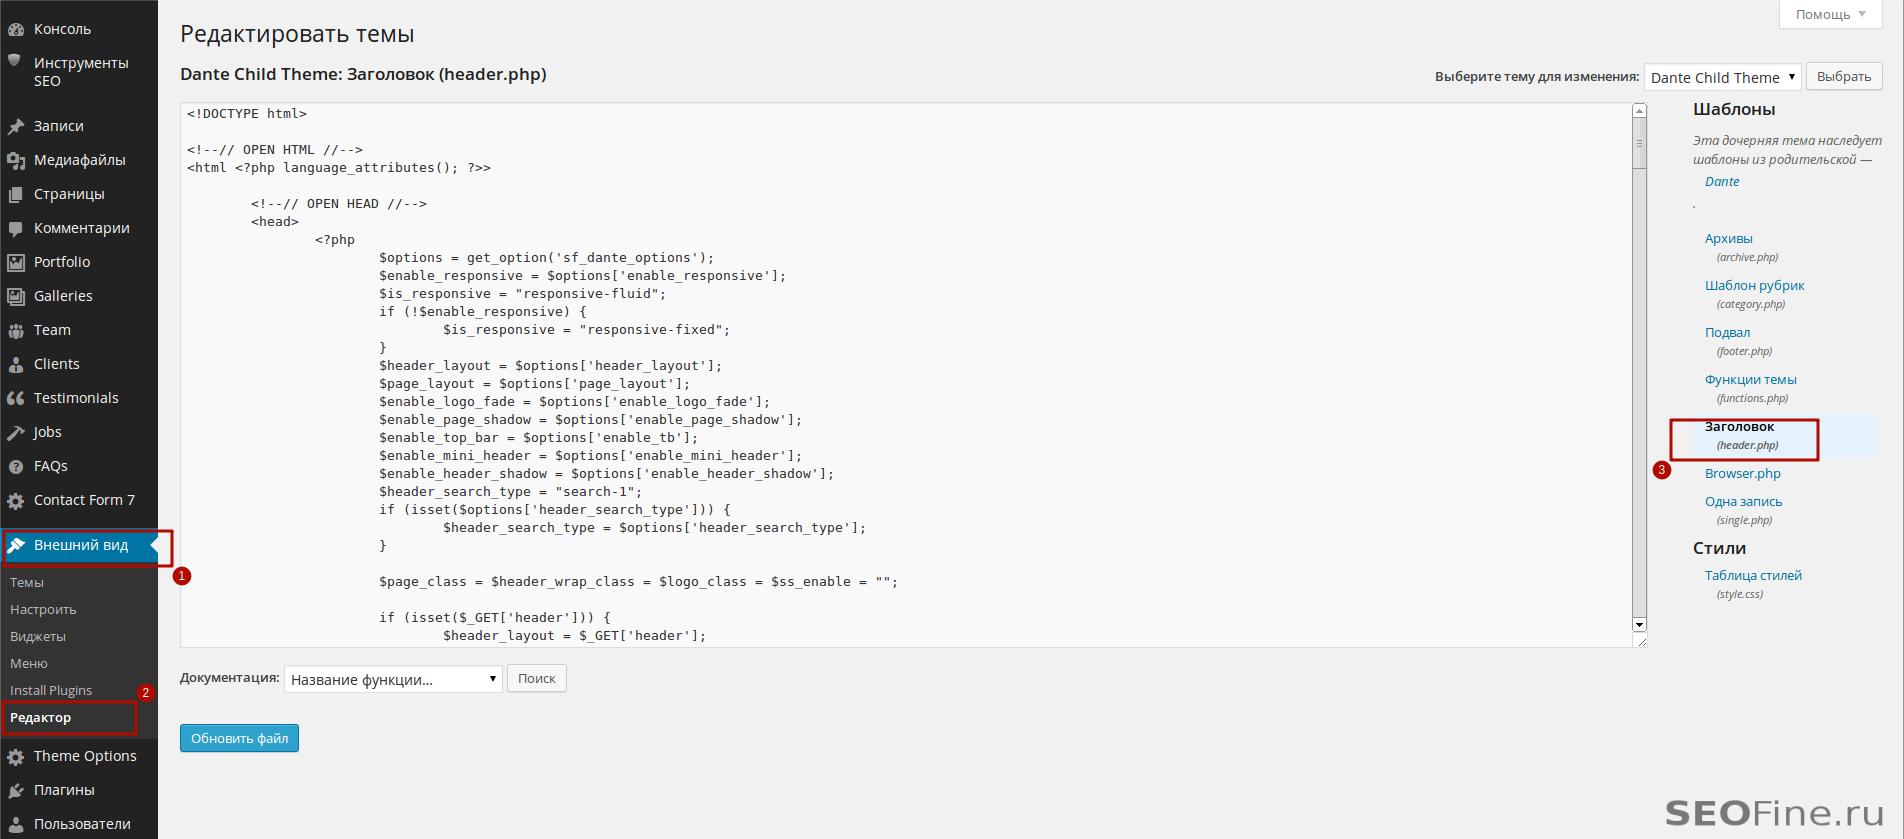 Открываем редактор шаблона header.php